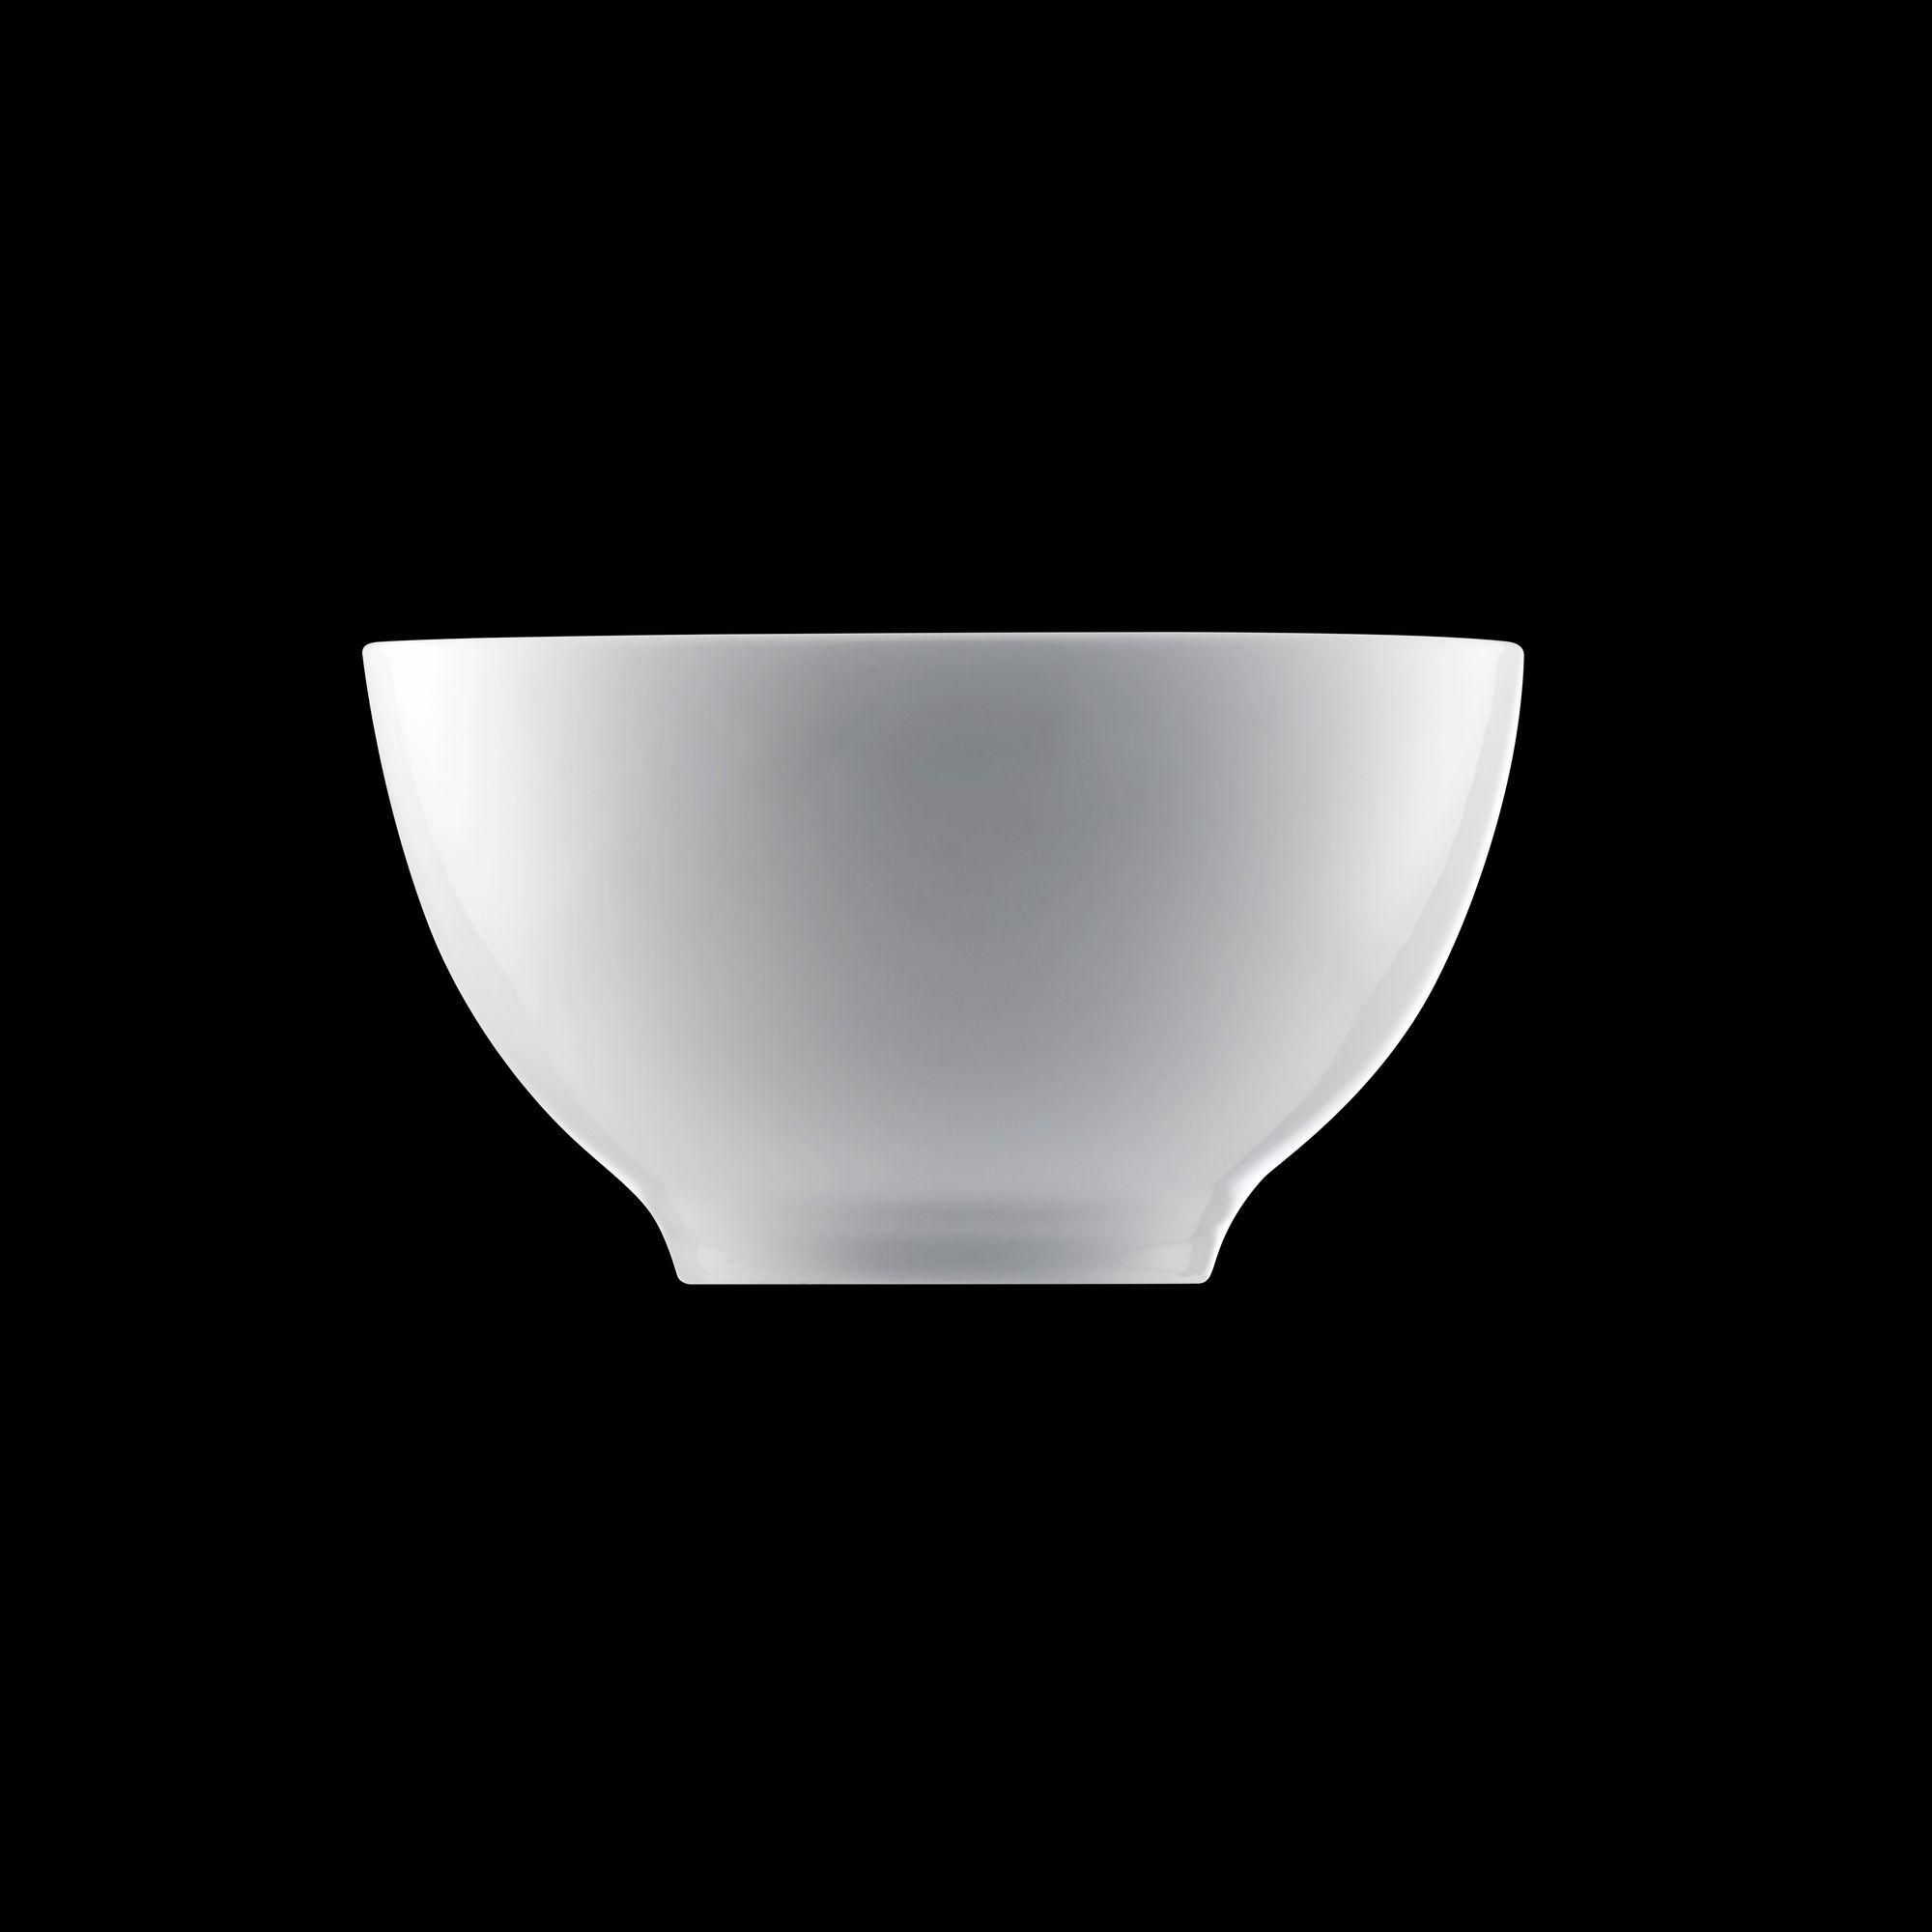 TUDOR ENGLAND Салатник 15.5 смФарфор Tudor England – идеальное посудное решение для любой семьи или ресторана благодаря доступной цене, отличному внешнему виду и высокому качеству, прочности и долговечности, привлекательному дизайну и большому ассортименту на выбор. Важным преимуществом является возможность использования в микроволновой печи, духовке (до 280 градусов) и мытья в посудомоечной машине. Линейка Tudor Ware производилась с 1828 года, поэтому фарфор Tudor England является наследником традиций, навыков и технологий ушедших поколений, что отражается в каждой из наших фарфоровых коллекций.<br>